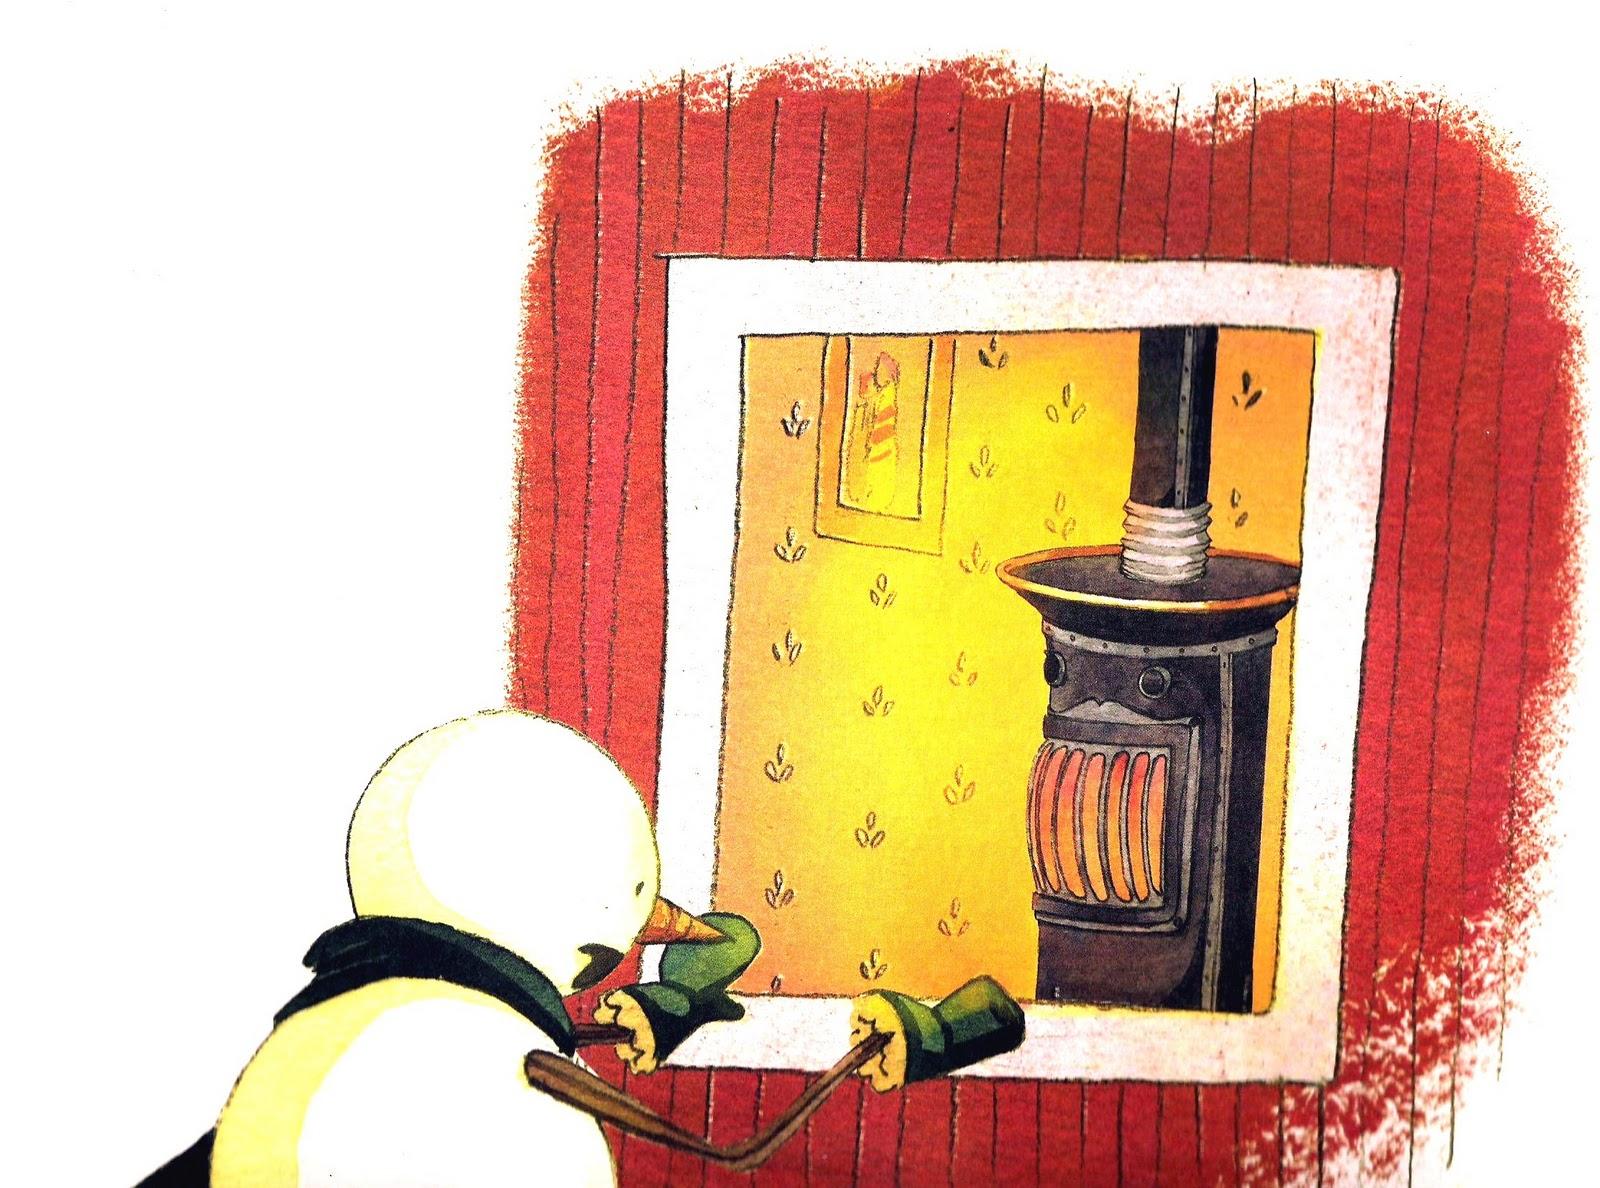 La Classe Du Haut: Chansons D'hiver tout Dans La Nuit De L Hiver Chanson